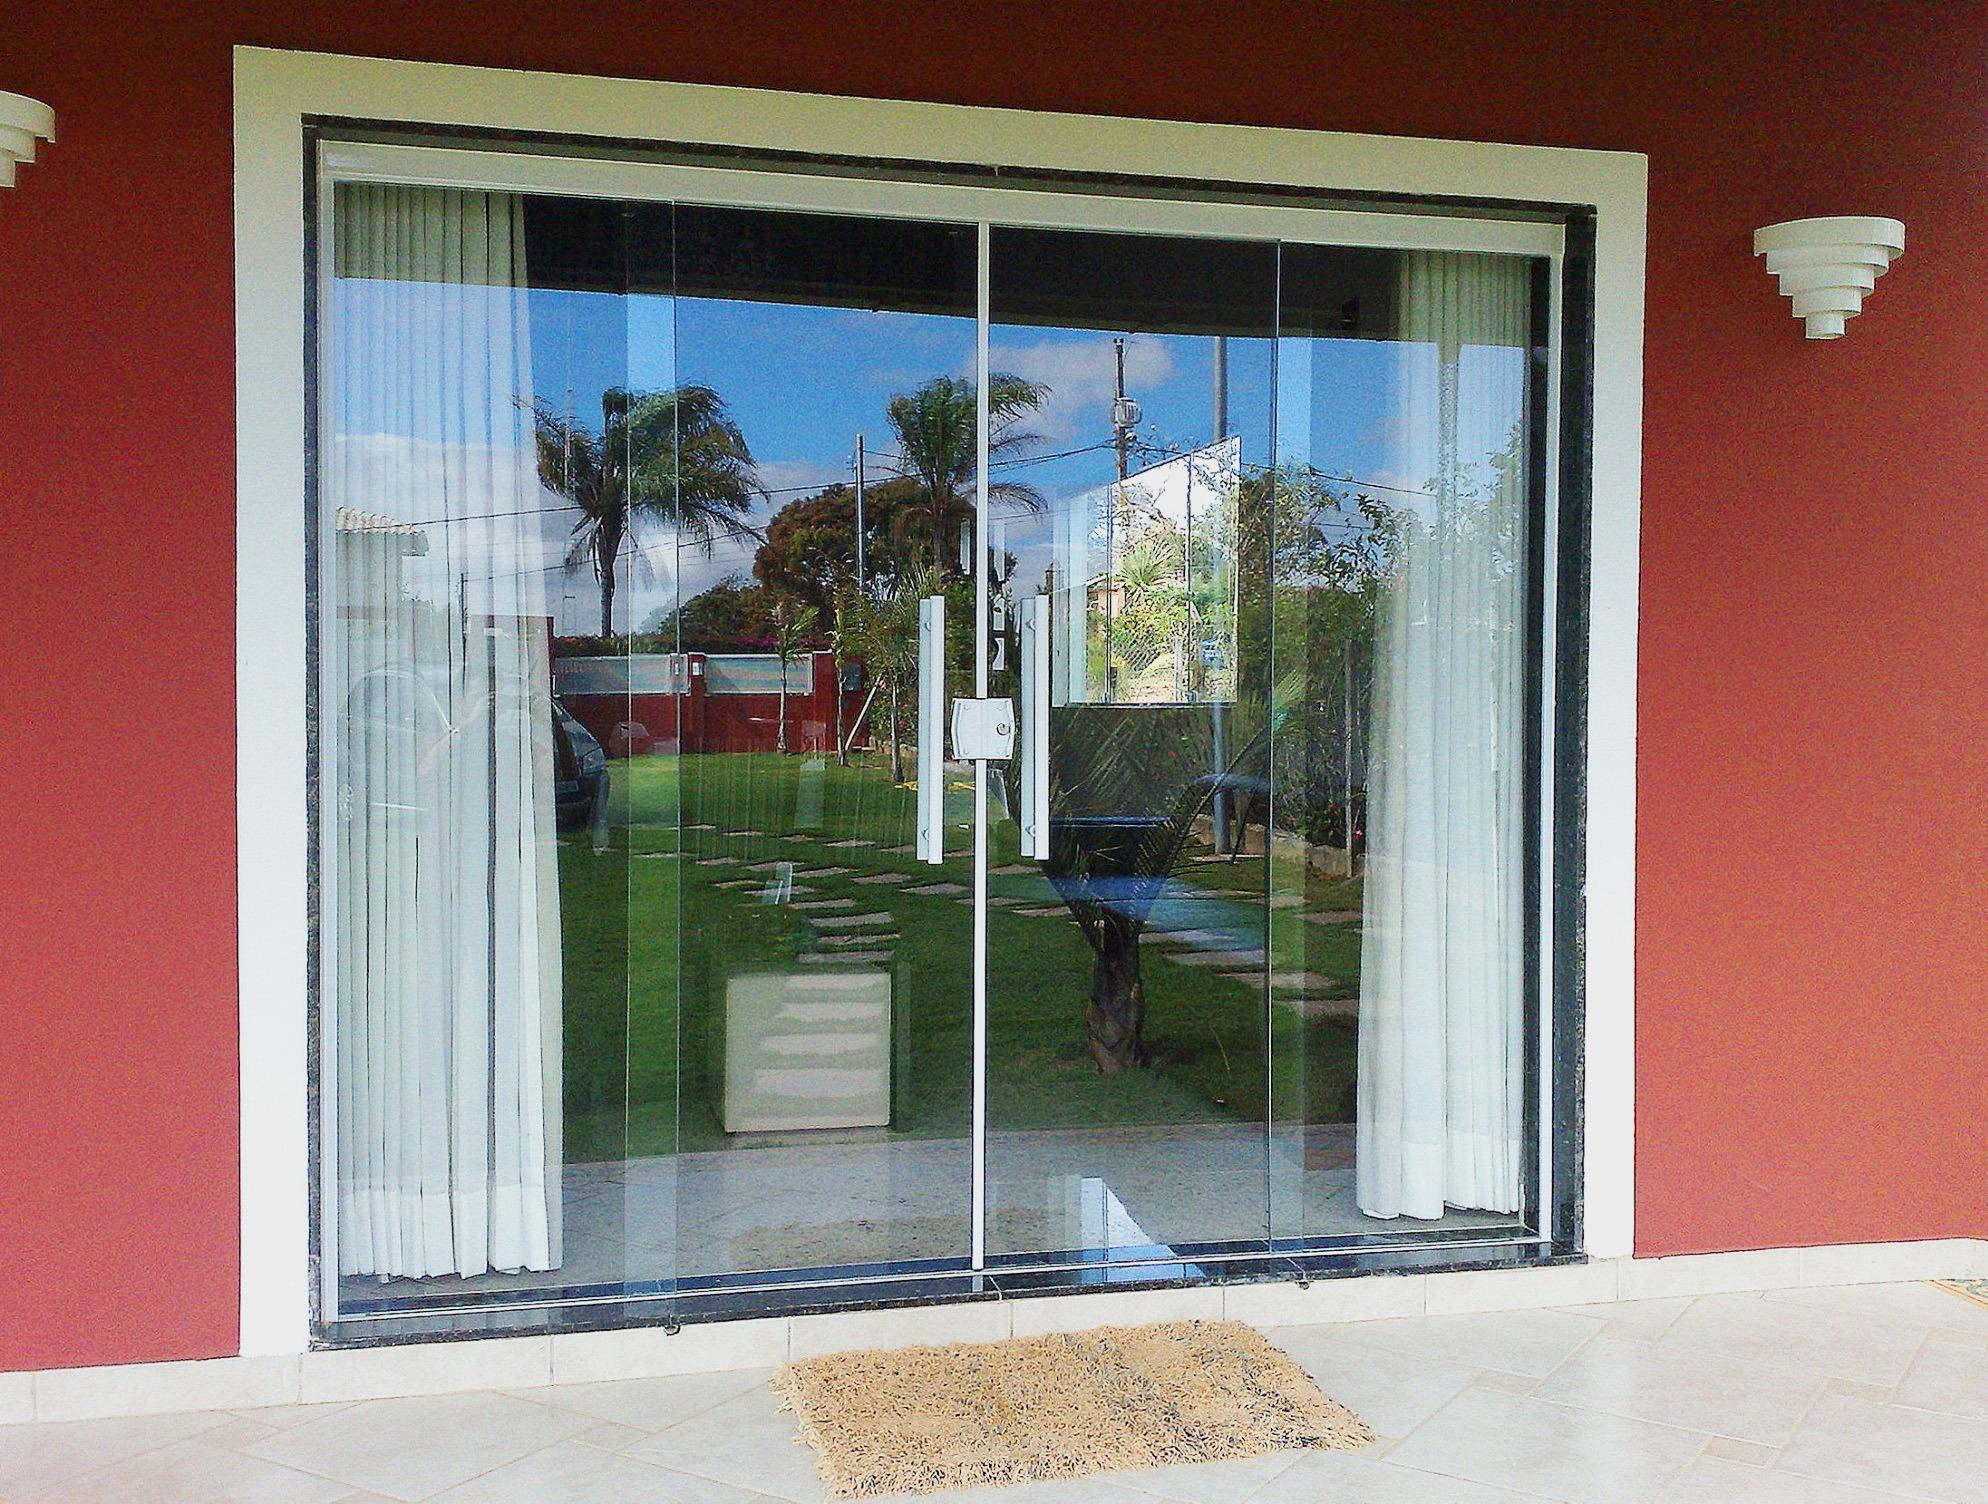 #83342C Portas de Vidro BH Vidraçaria Água Branca 1572 Vidros E Janelas Bh